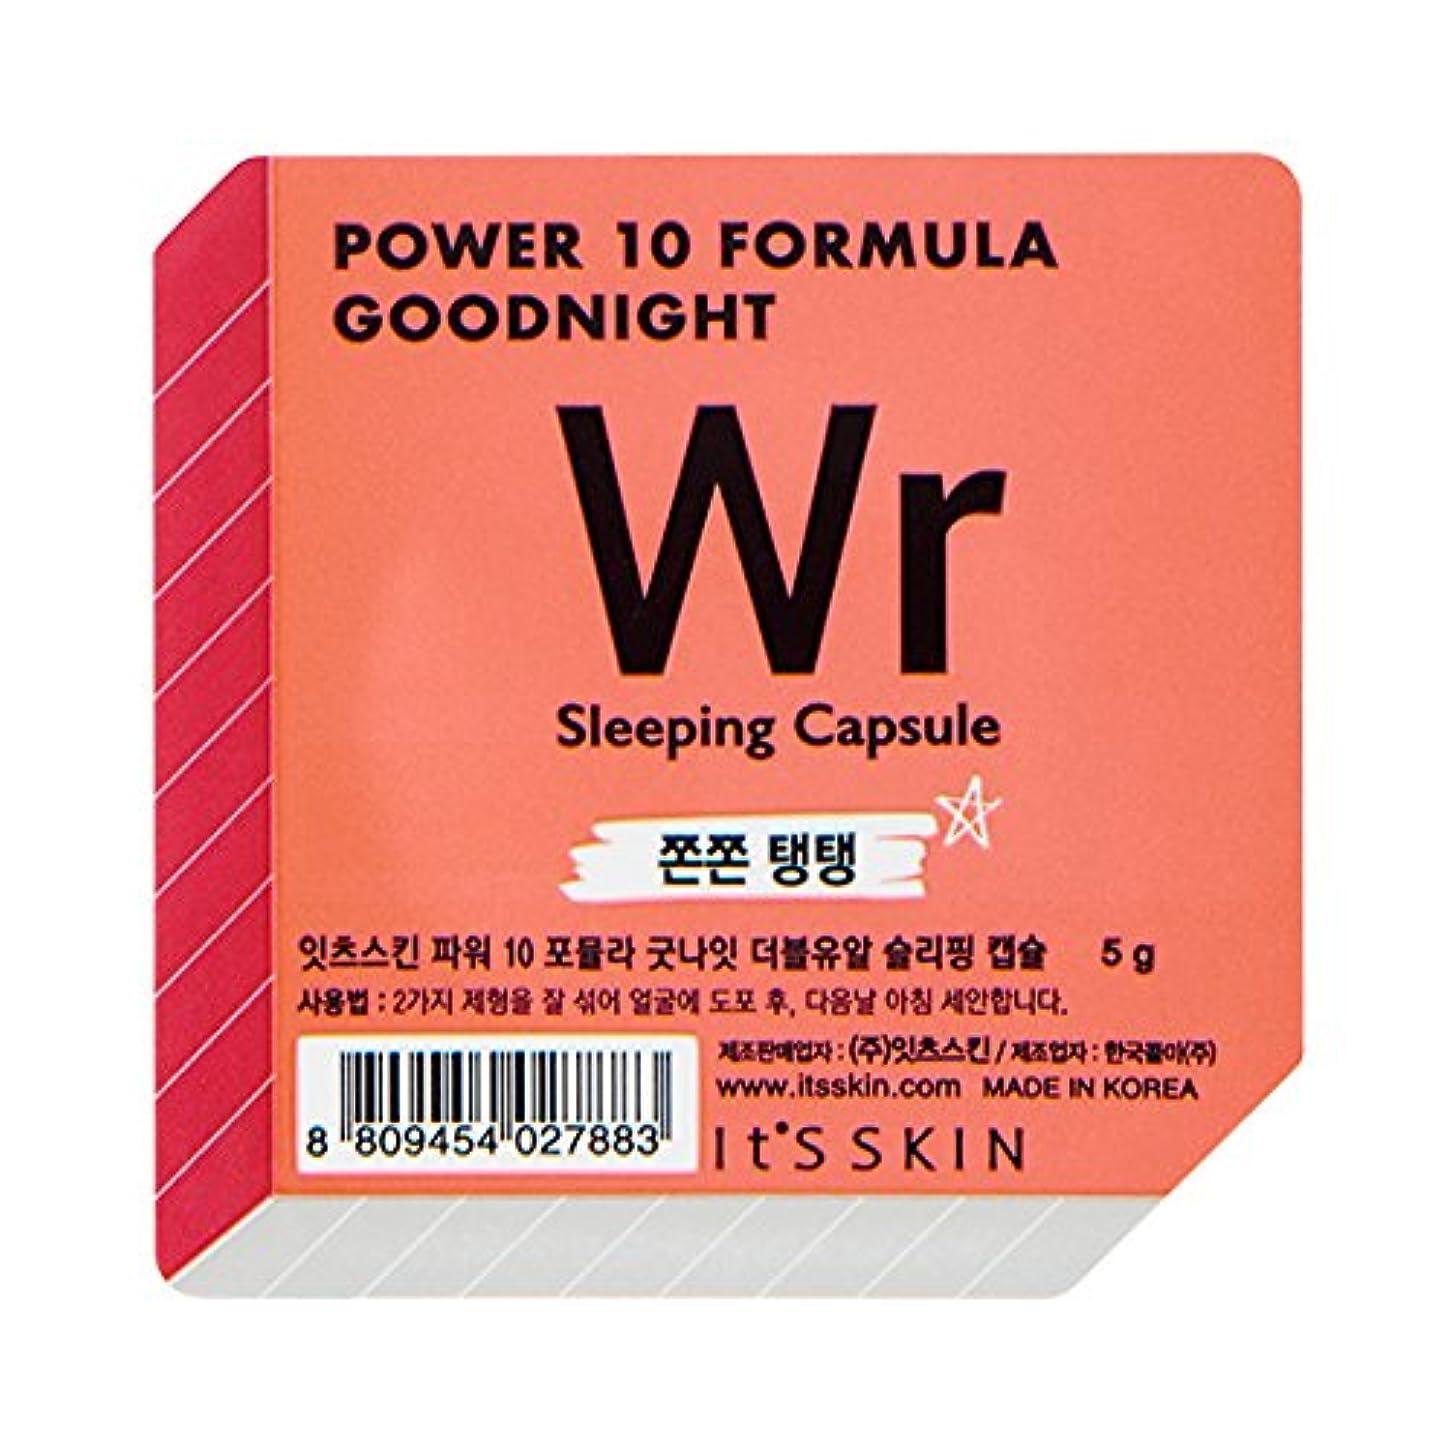 会社アルミニウム突っ込むイッツスキン パワー10フォーミュラ #WR(シワ改善) グッドナイトスリーピングカプセル 5g×2個セット/It's skin Power10 Formula #WR Good Night Sleeping Capsule...